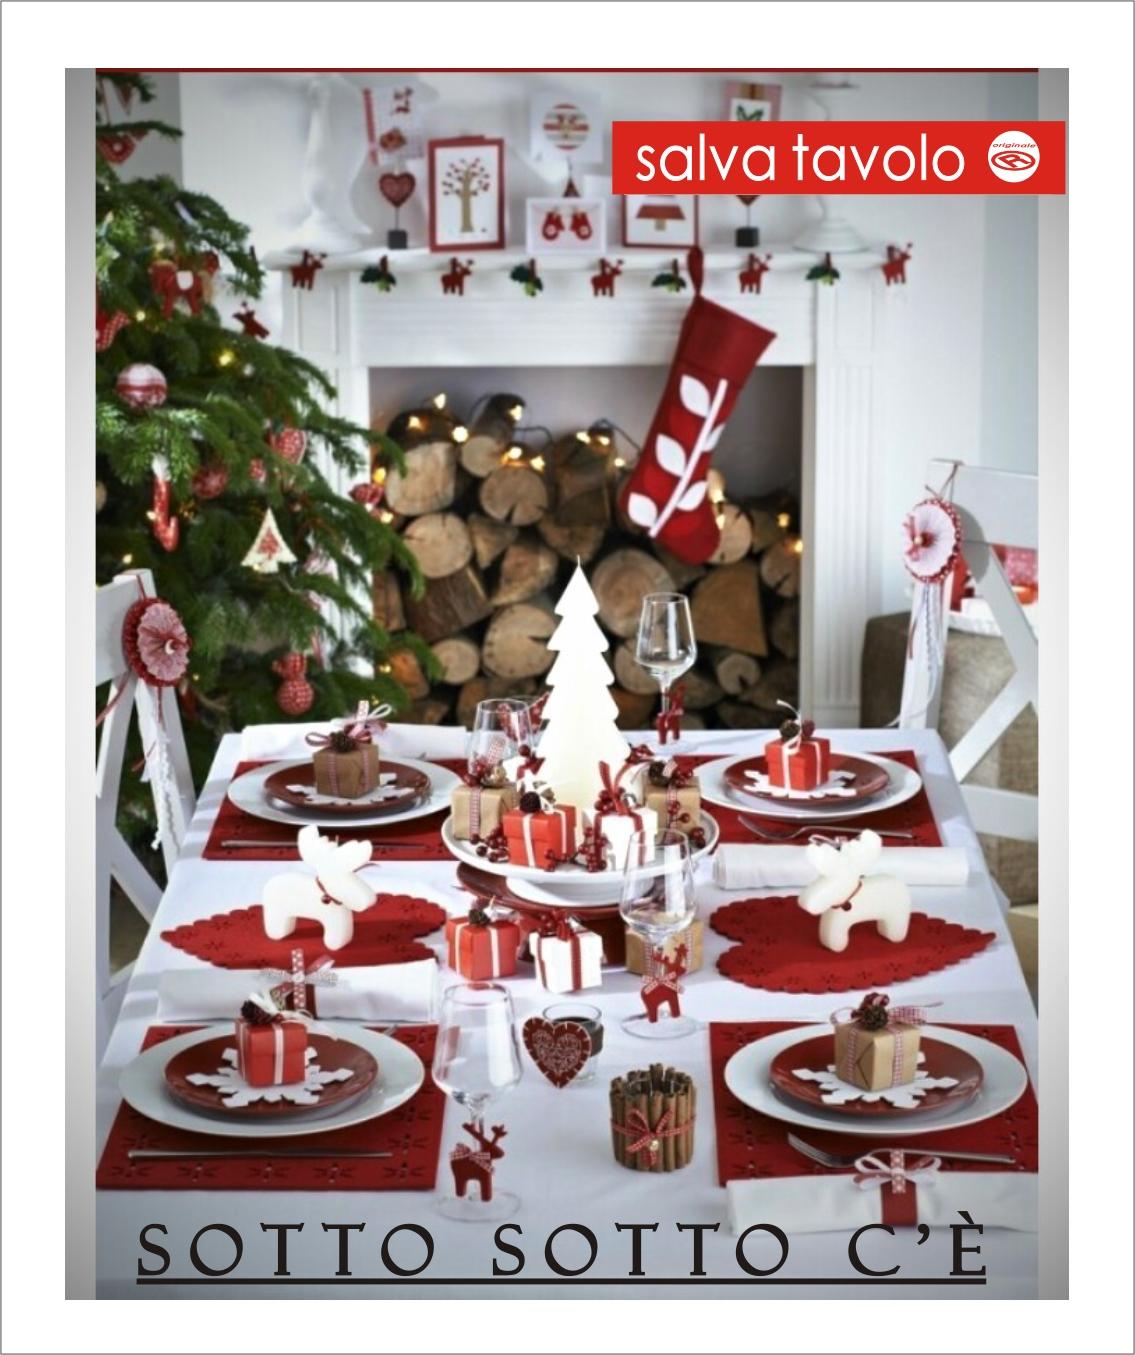 Sotto sotto c 39 tavoli e parquet protezioni - Tappeti trasparenti per parquet ...